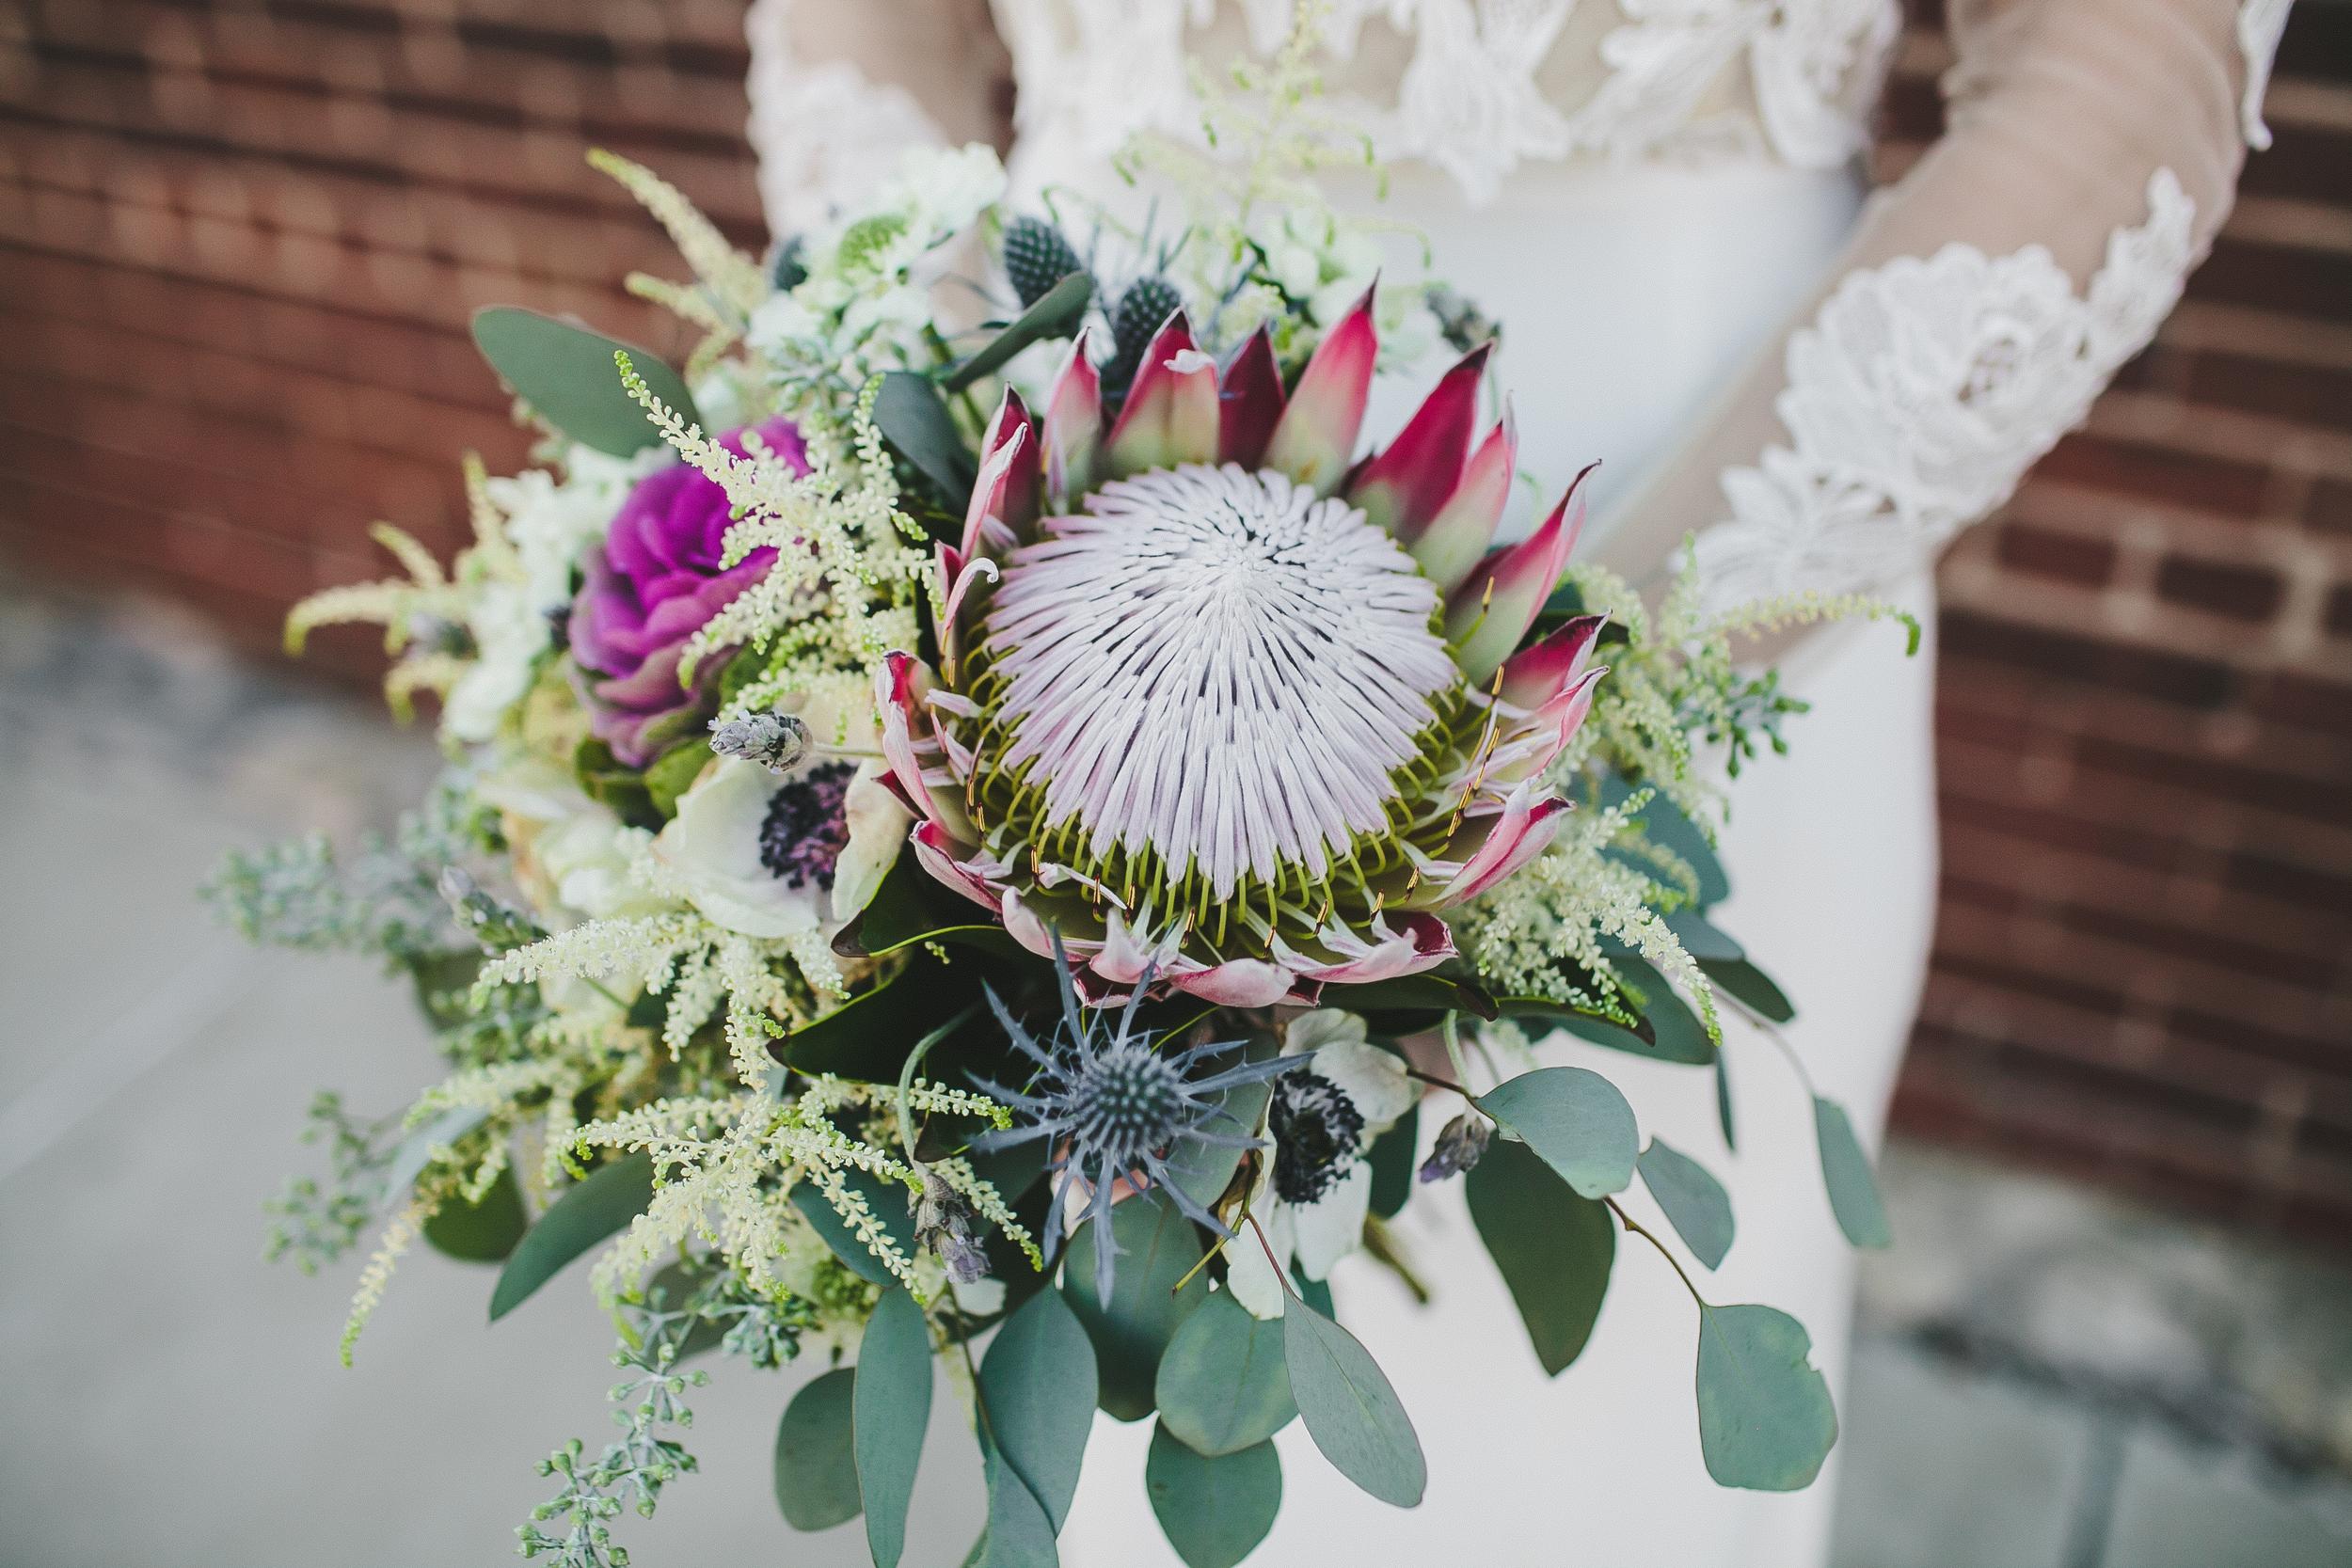 King Protea bride's bouquet // Nashville Wedding Floral Design